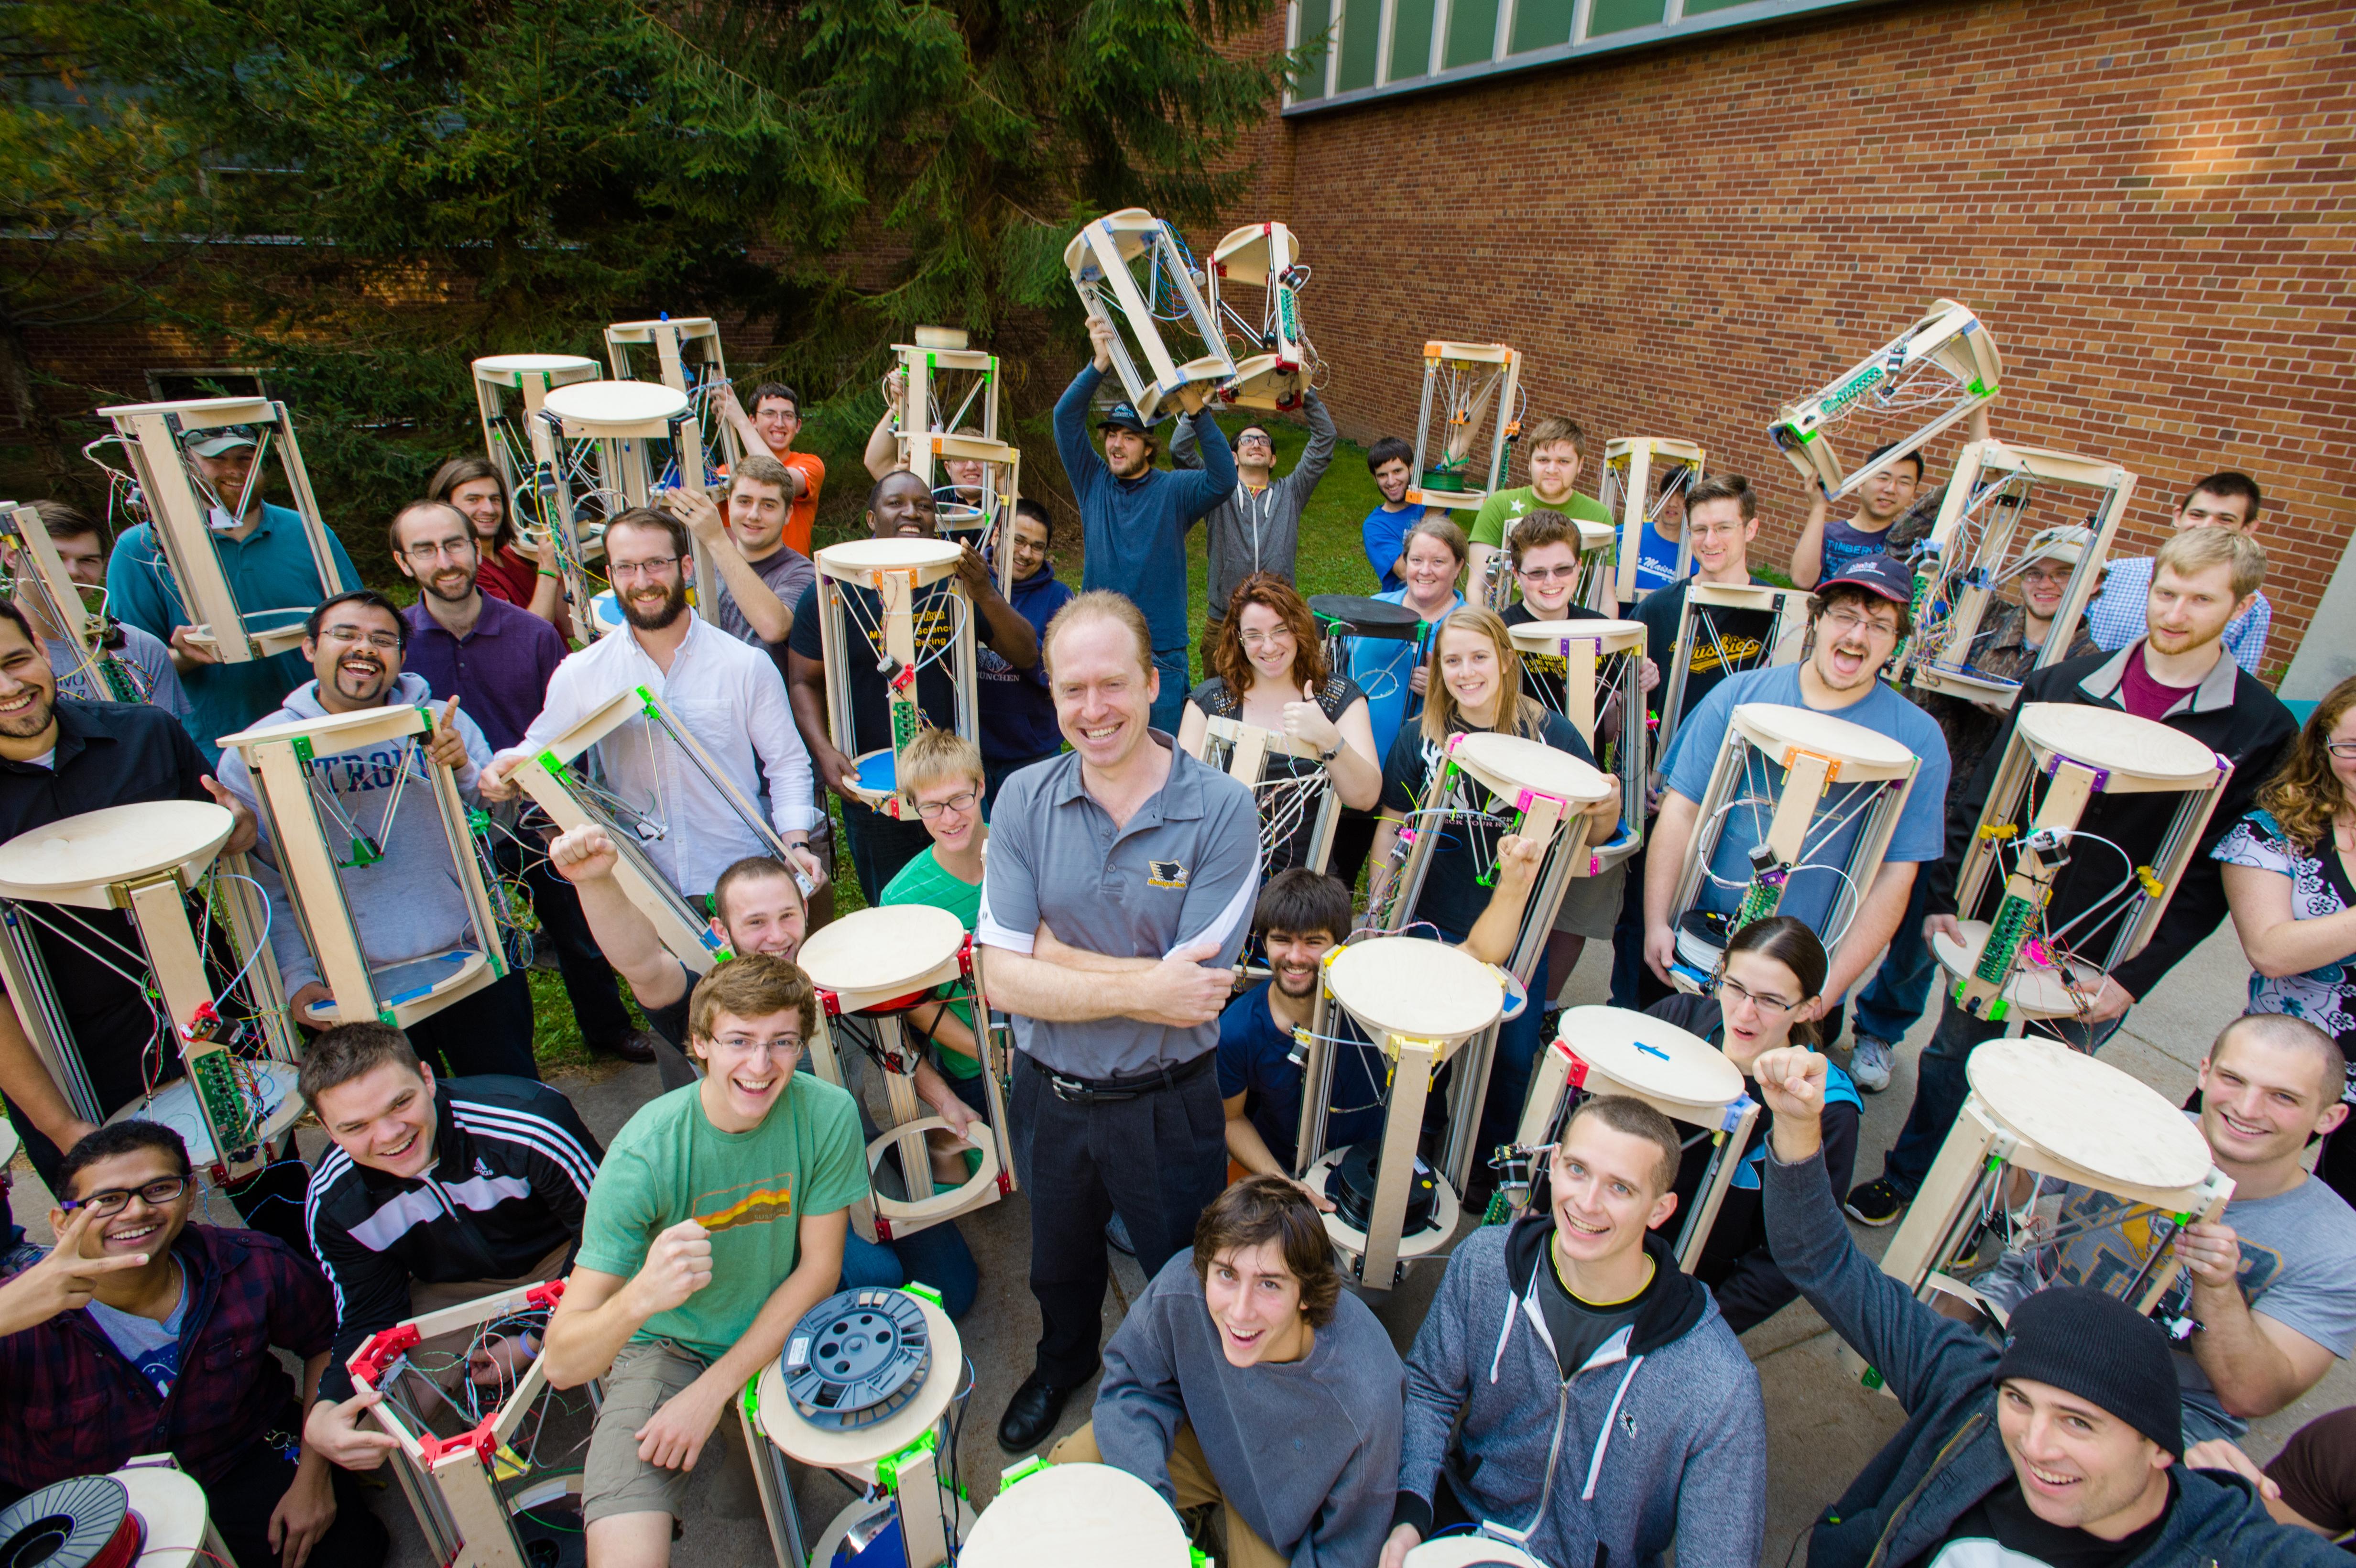 Joshua Pearce and the 3-D Printing Lab at Michigan Tech circa 2015.